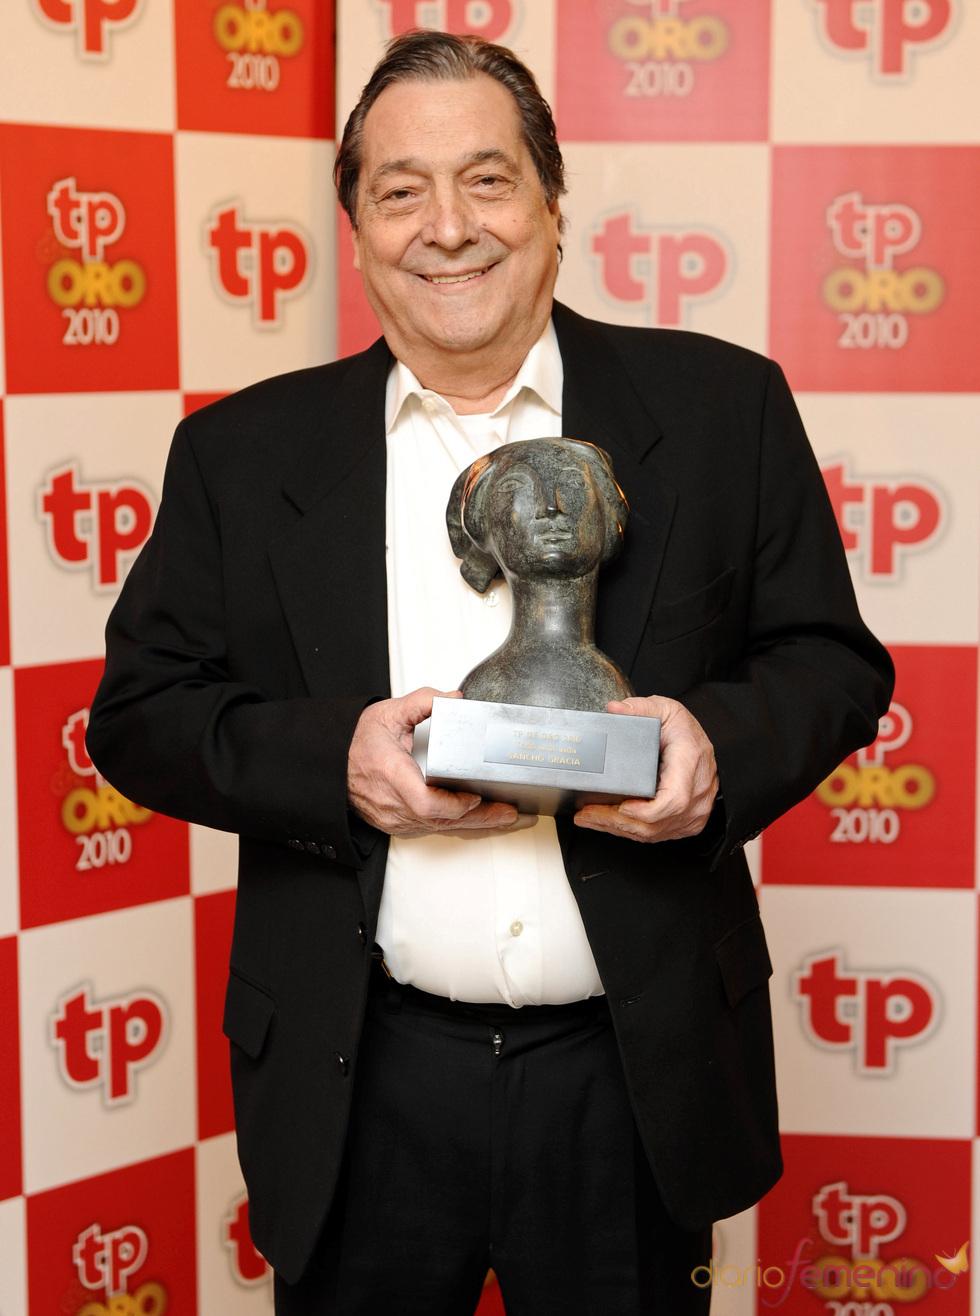 Sancho Gracia con su TP de Oro 2010 a toda una vida